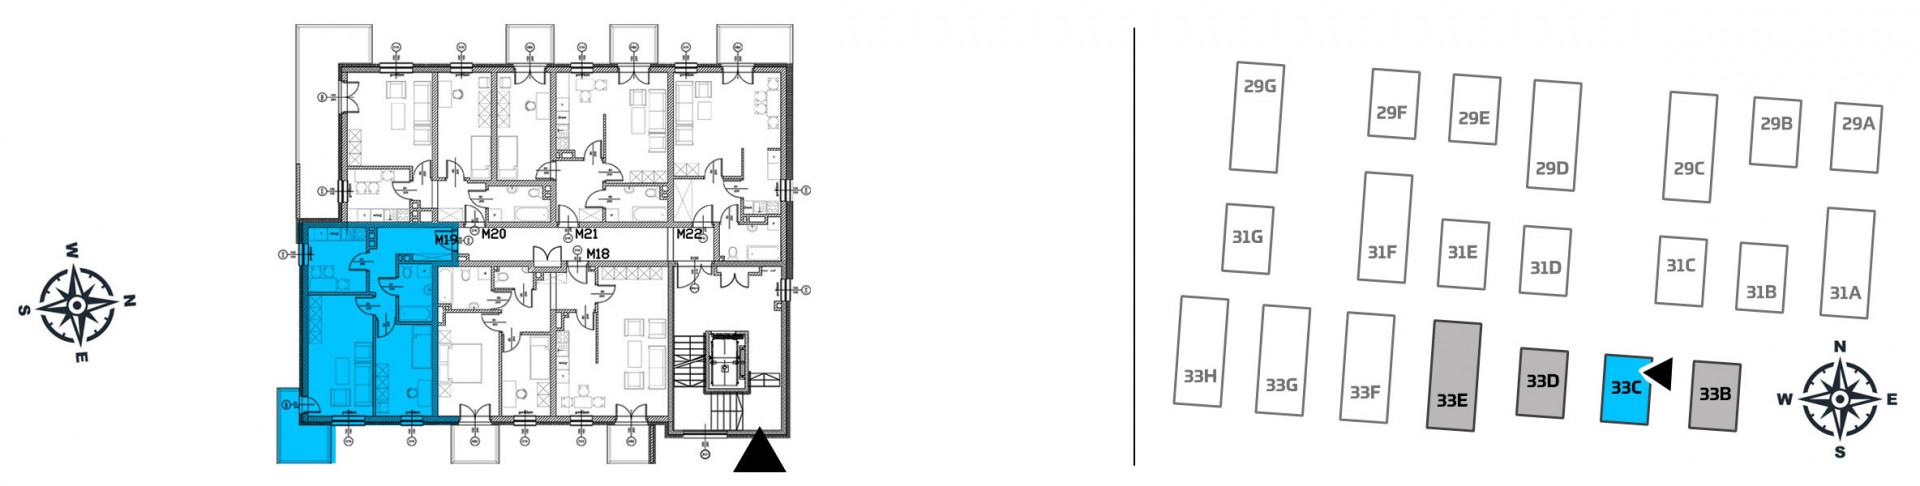 Mieszkanie dwupokojowe 33C/19 rzut 2